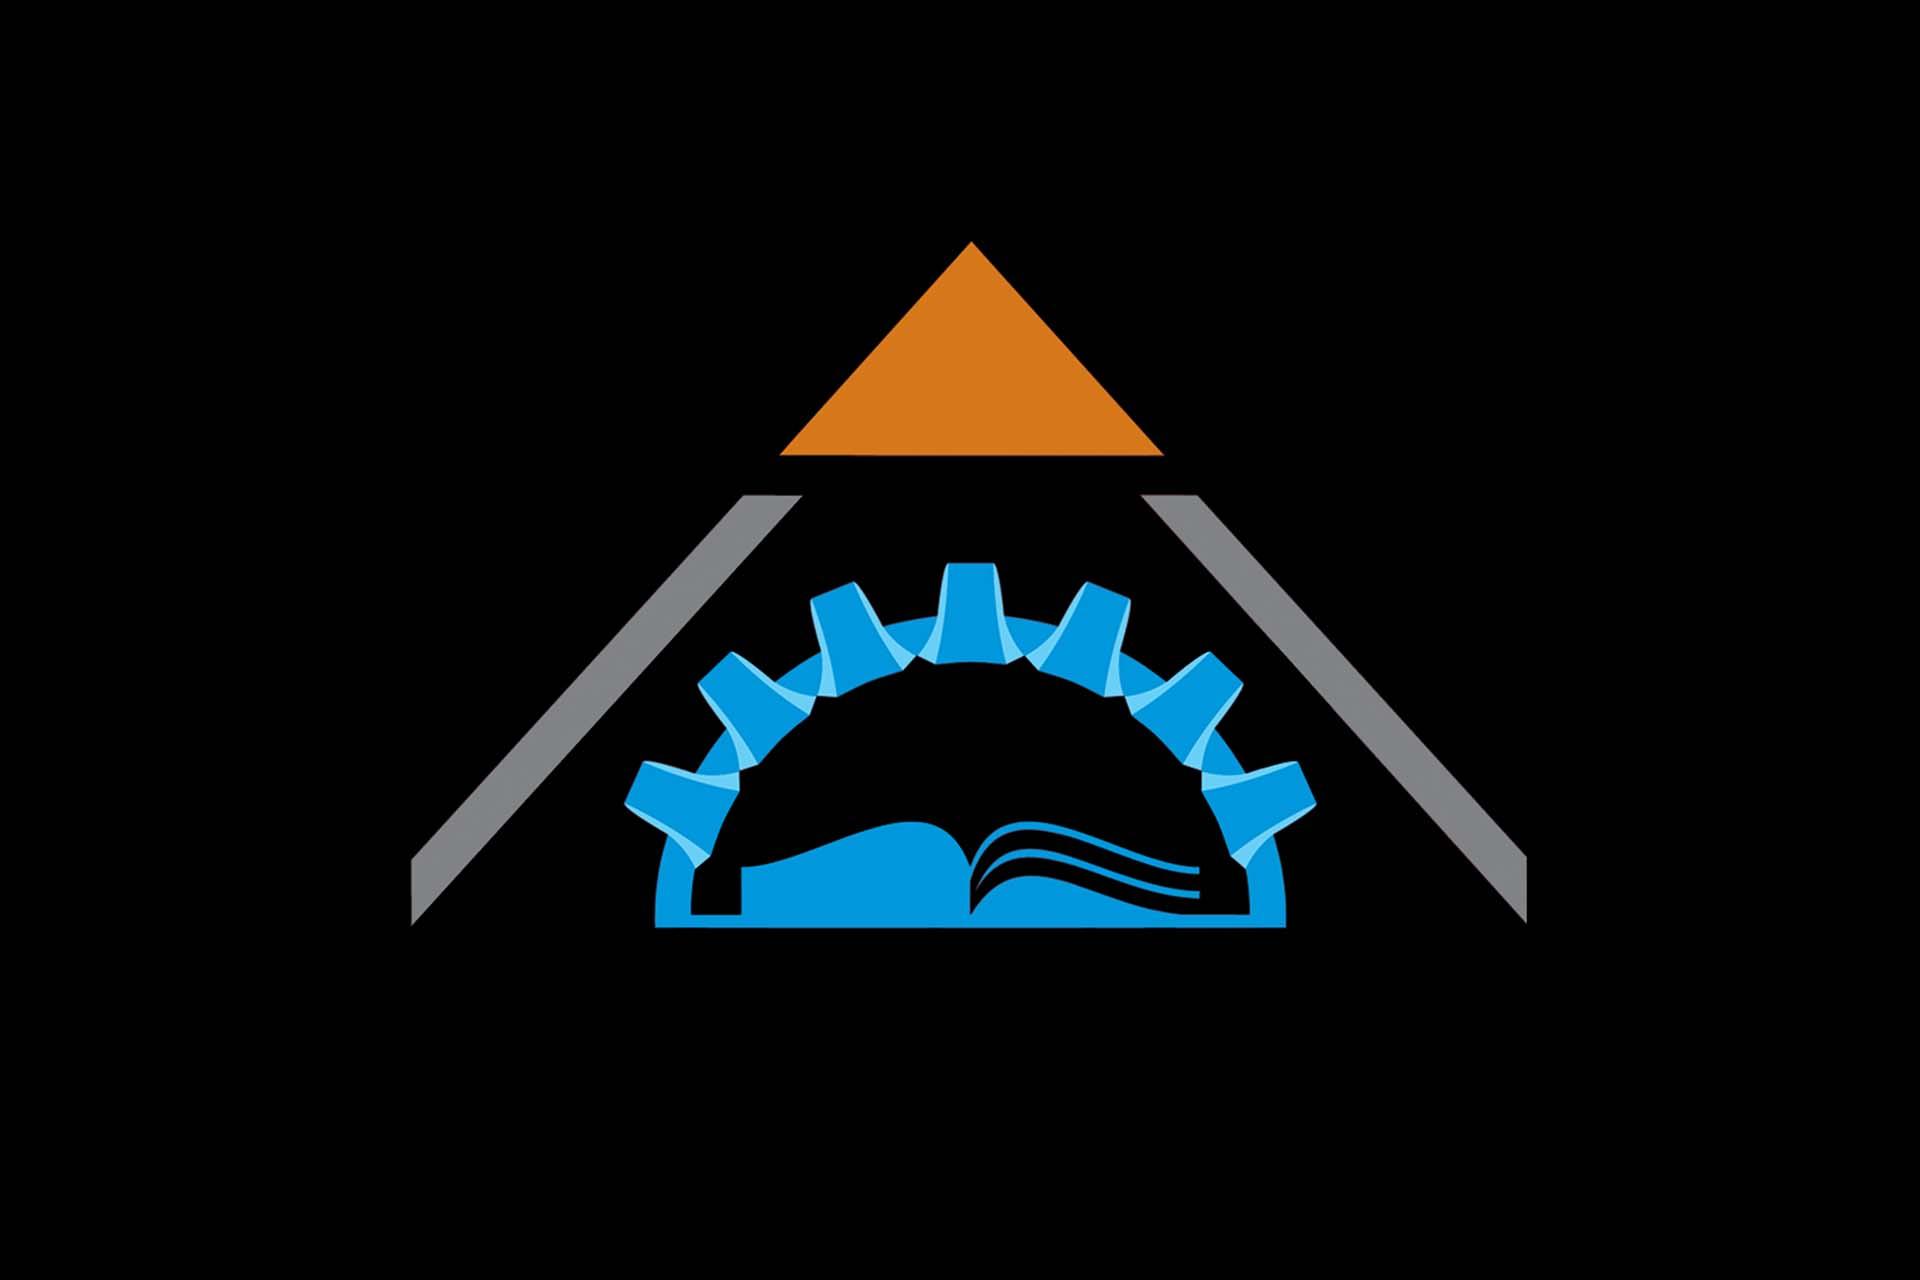 آموزش خانه صنعت معدن و تجارت فارس - IHIM IRAN